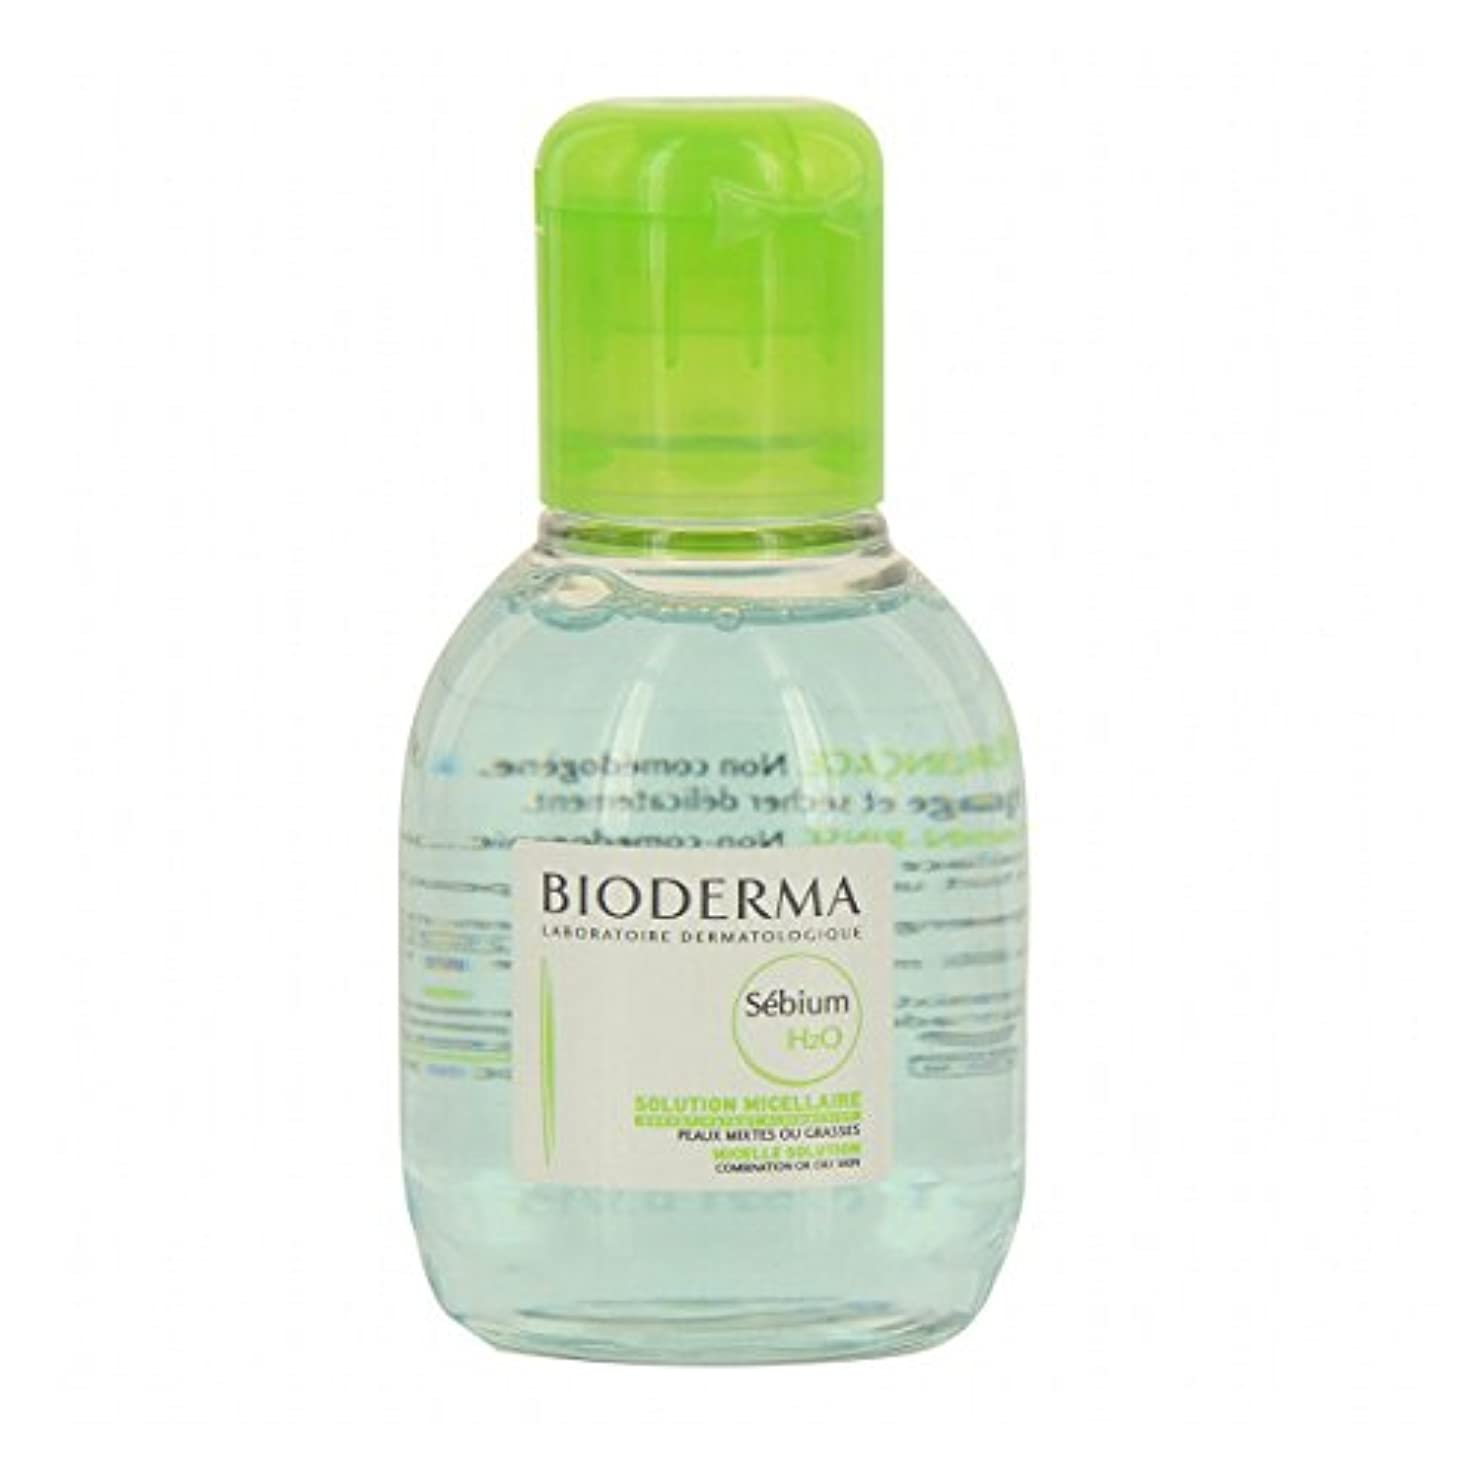 Bioderma Sebium H2o Micellar Water 100ml [並行輸入品]